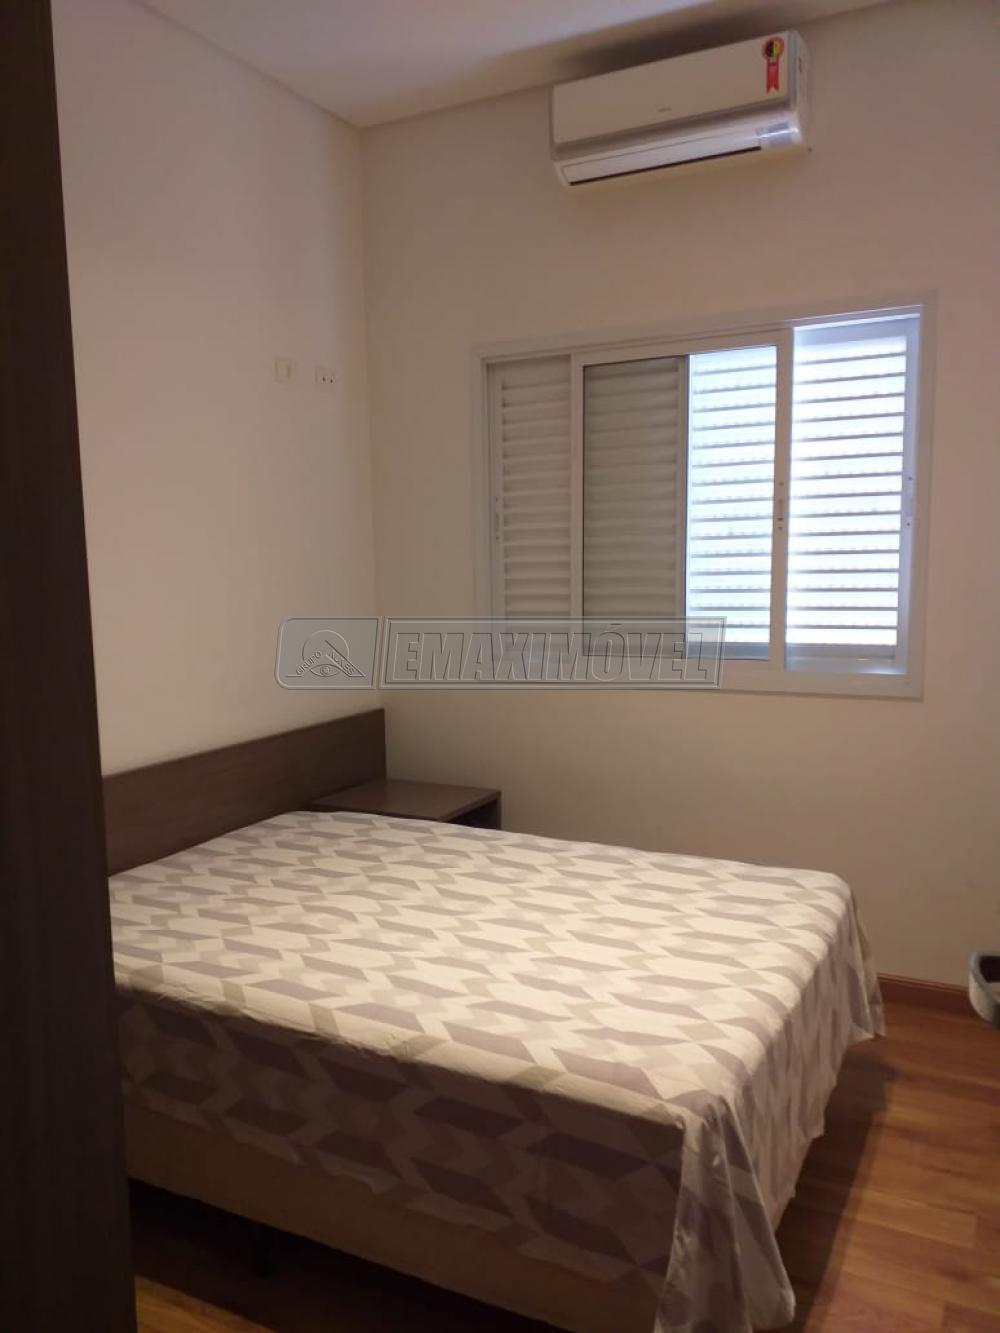 Comprar Casa / em Condomínios em Sorocaba R$ 850.000,00 - Foto 13